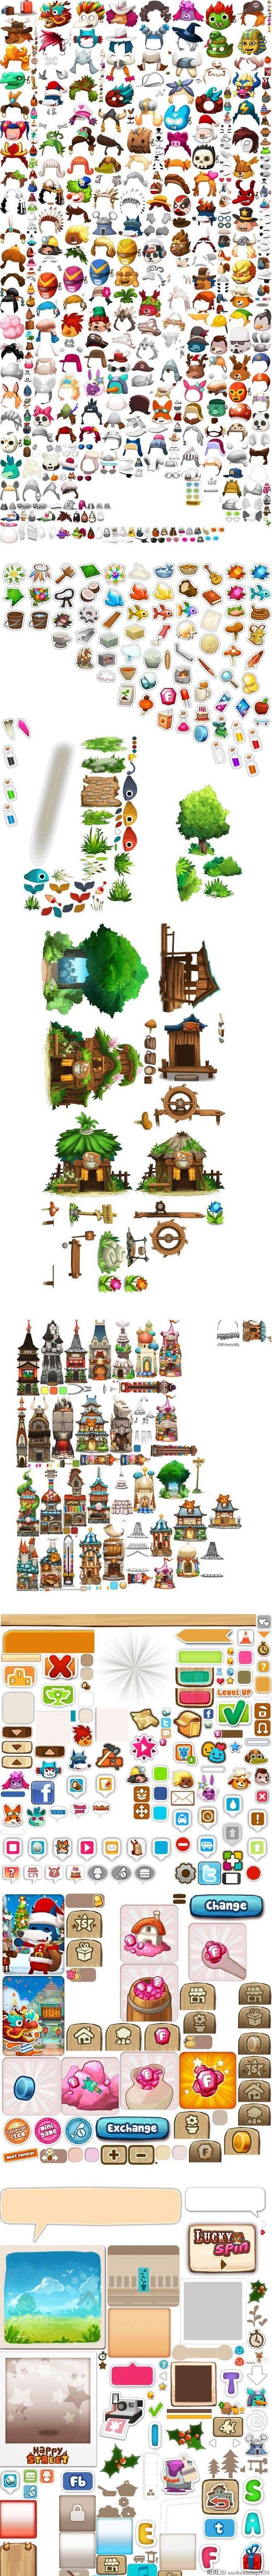 01a5461764bda8d7ef9d071ded2a9ddf50d64a4615ca79-FQrKOC_fw658 (JPEG Image, 658×6227 pixels)